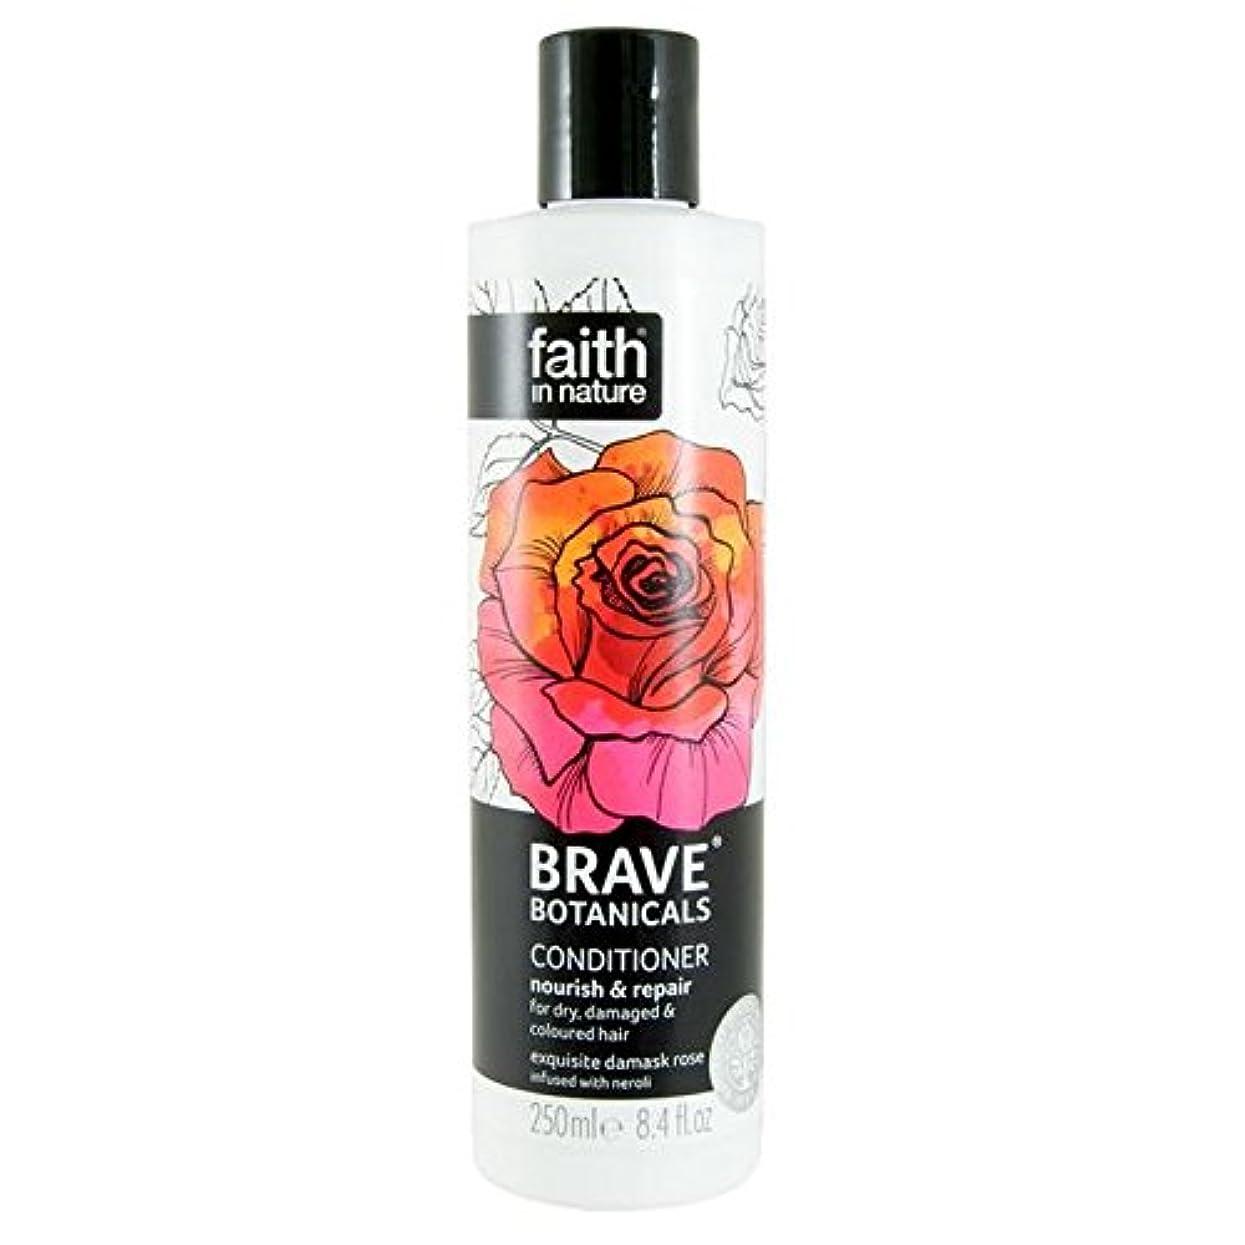 ディーラーイヤホンバラバラにするBrave Botanicals Rose & Neroli Nourish & Repair Conditioner 250ml - (Faith In Nature) 勇敢な植物は、ローズ&ネロリは養う&リペアコンディショナー...